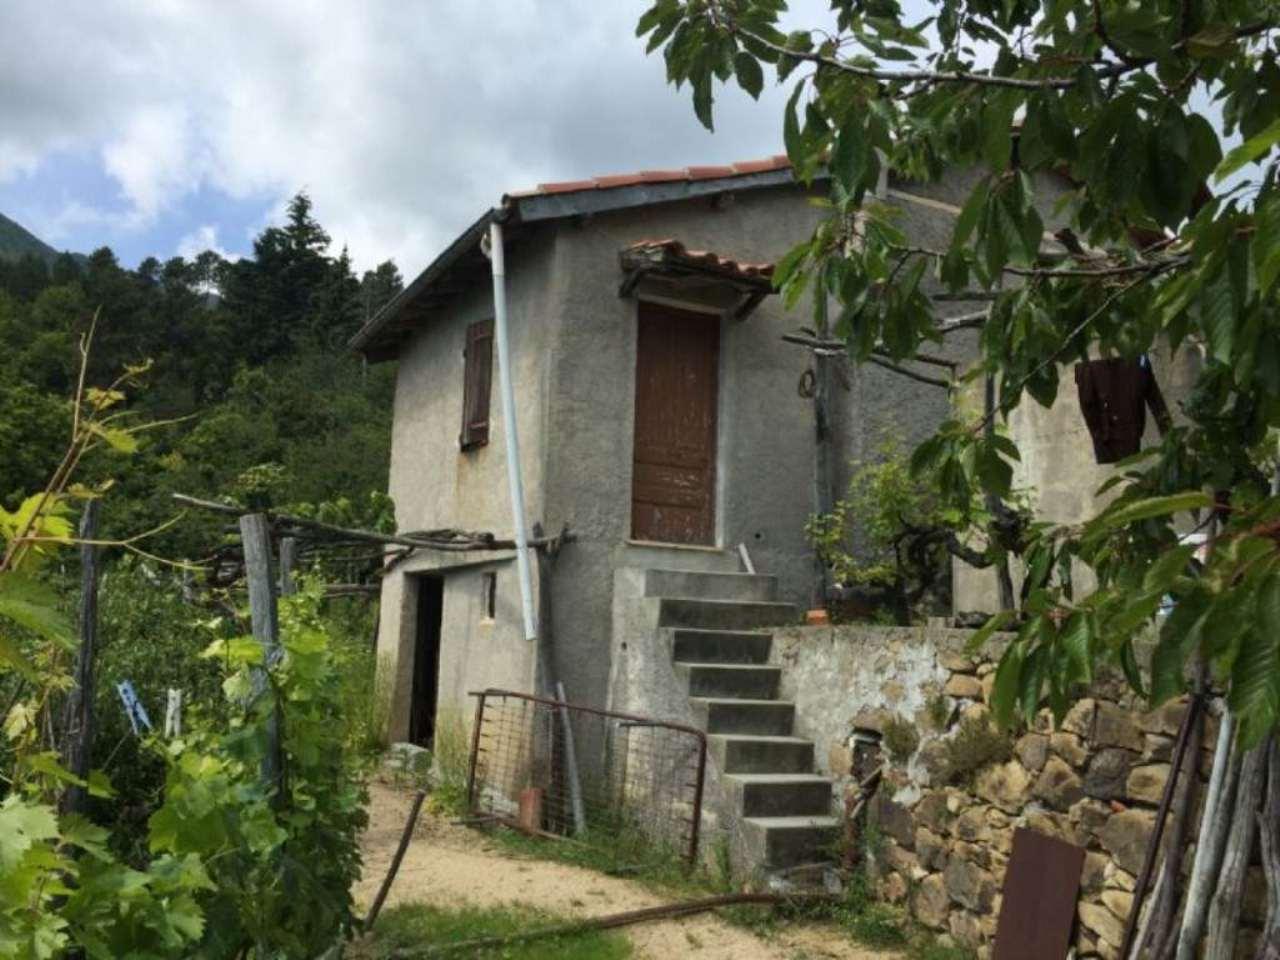 Rustico / Casale in vendita a Ceriana, 4 locali, prezzo € 65.000 | CambioCasa.it